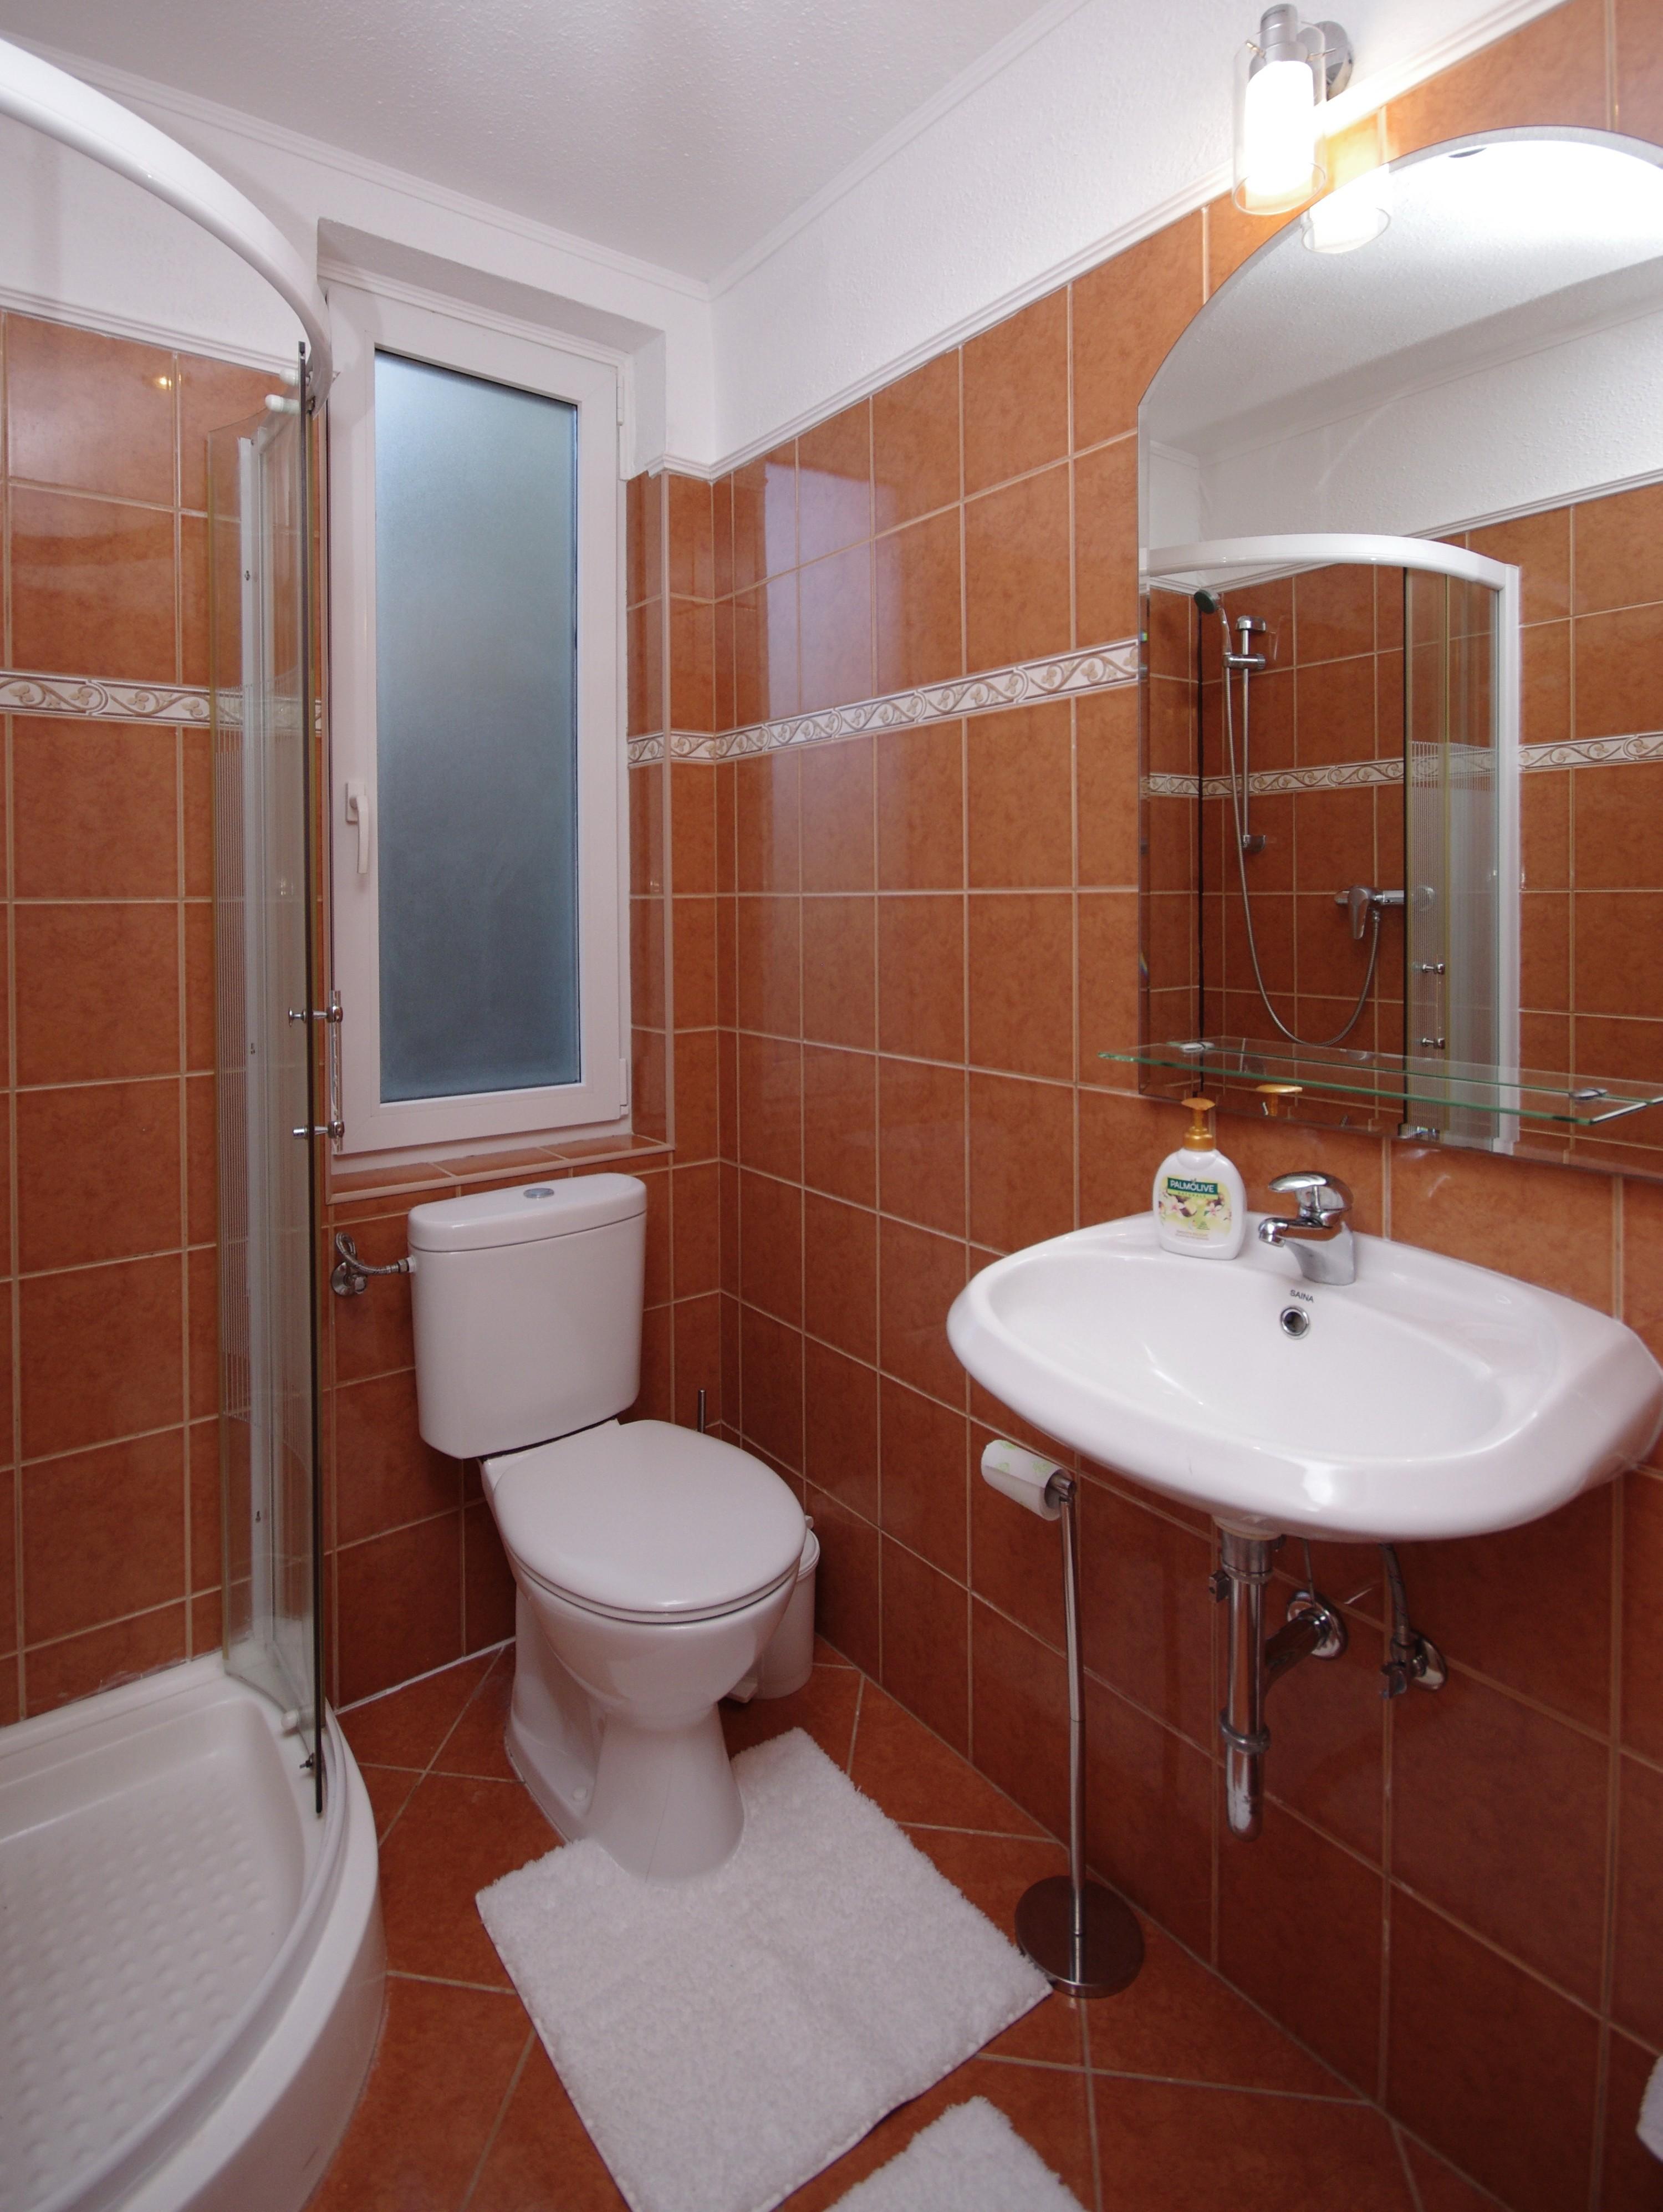 Őszi szobához tartozó fürdőszoba (Mosdó, zuhanykabin,WC) a gyulai Bodza apartmanban